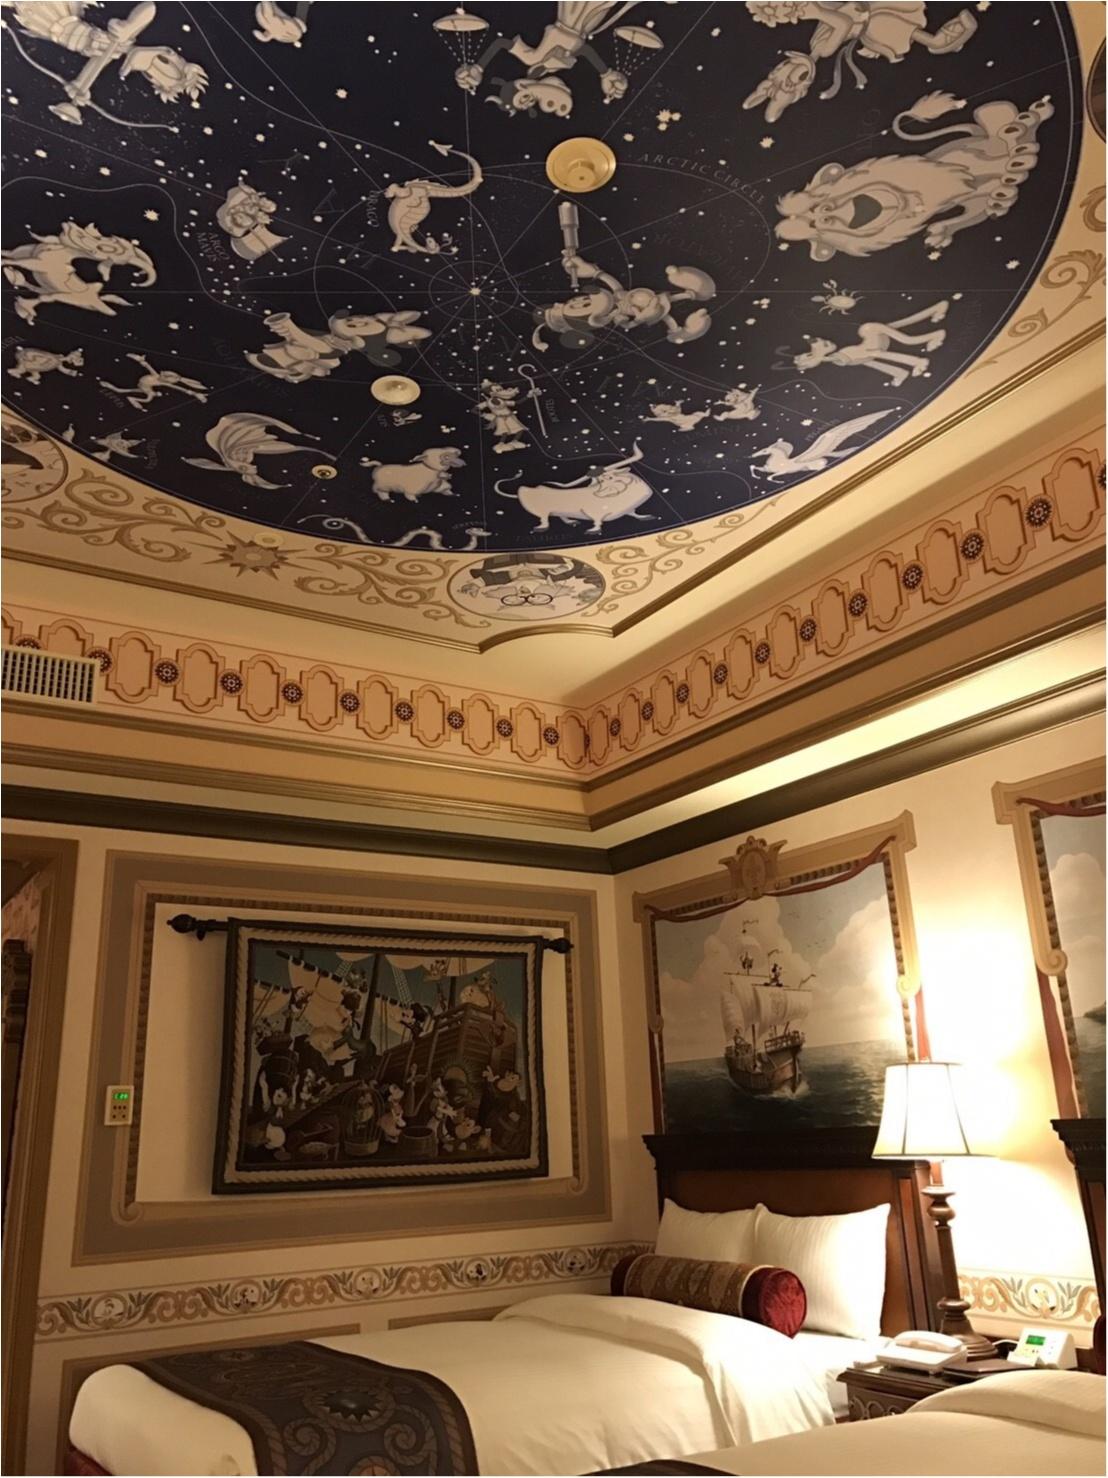 おしゃれなホテル特集 - 全国版 | ゴールデンウィークや連休の女子旅、国内旅行で泊まりたい宿まとめ_40